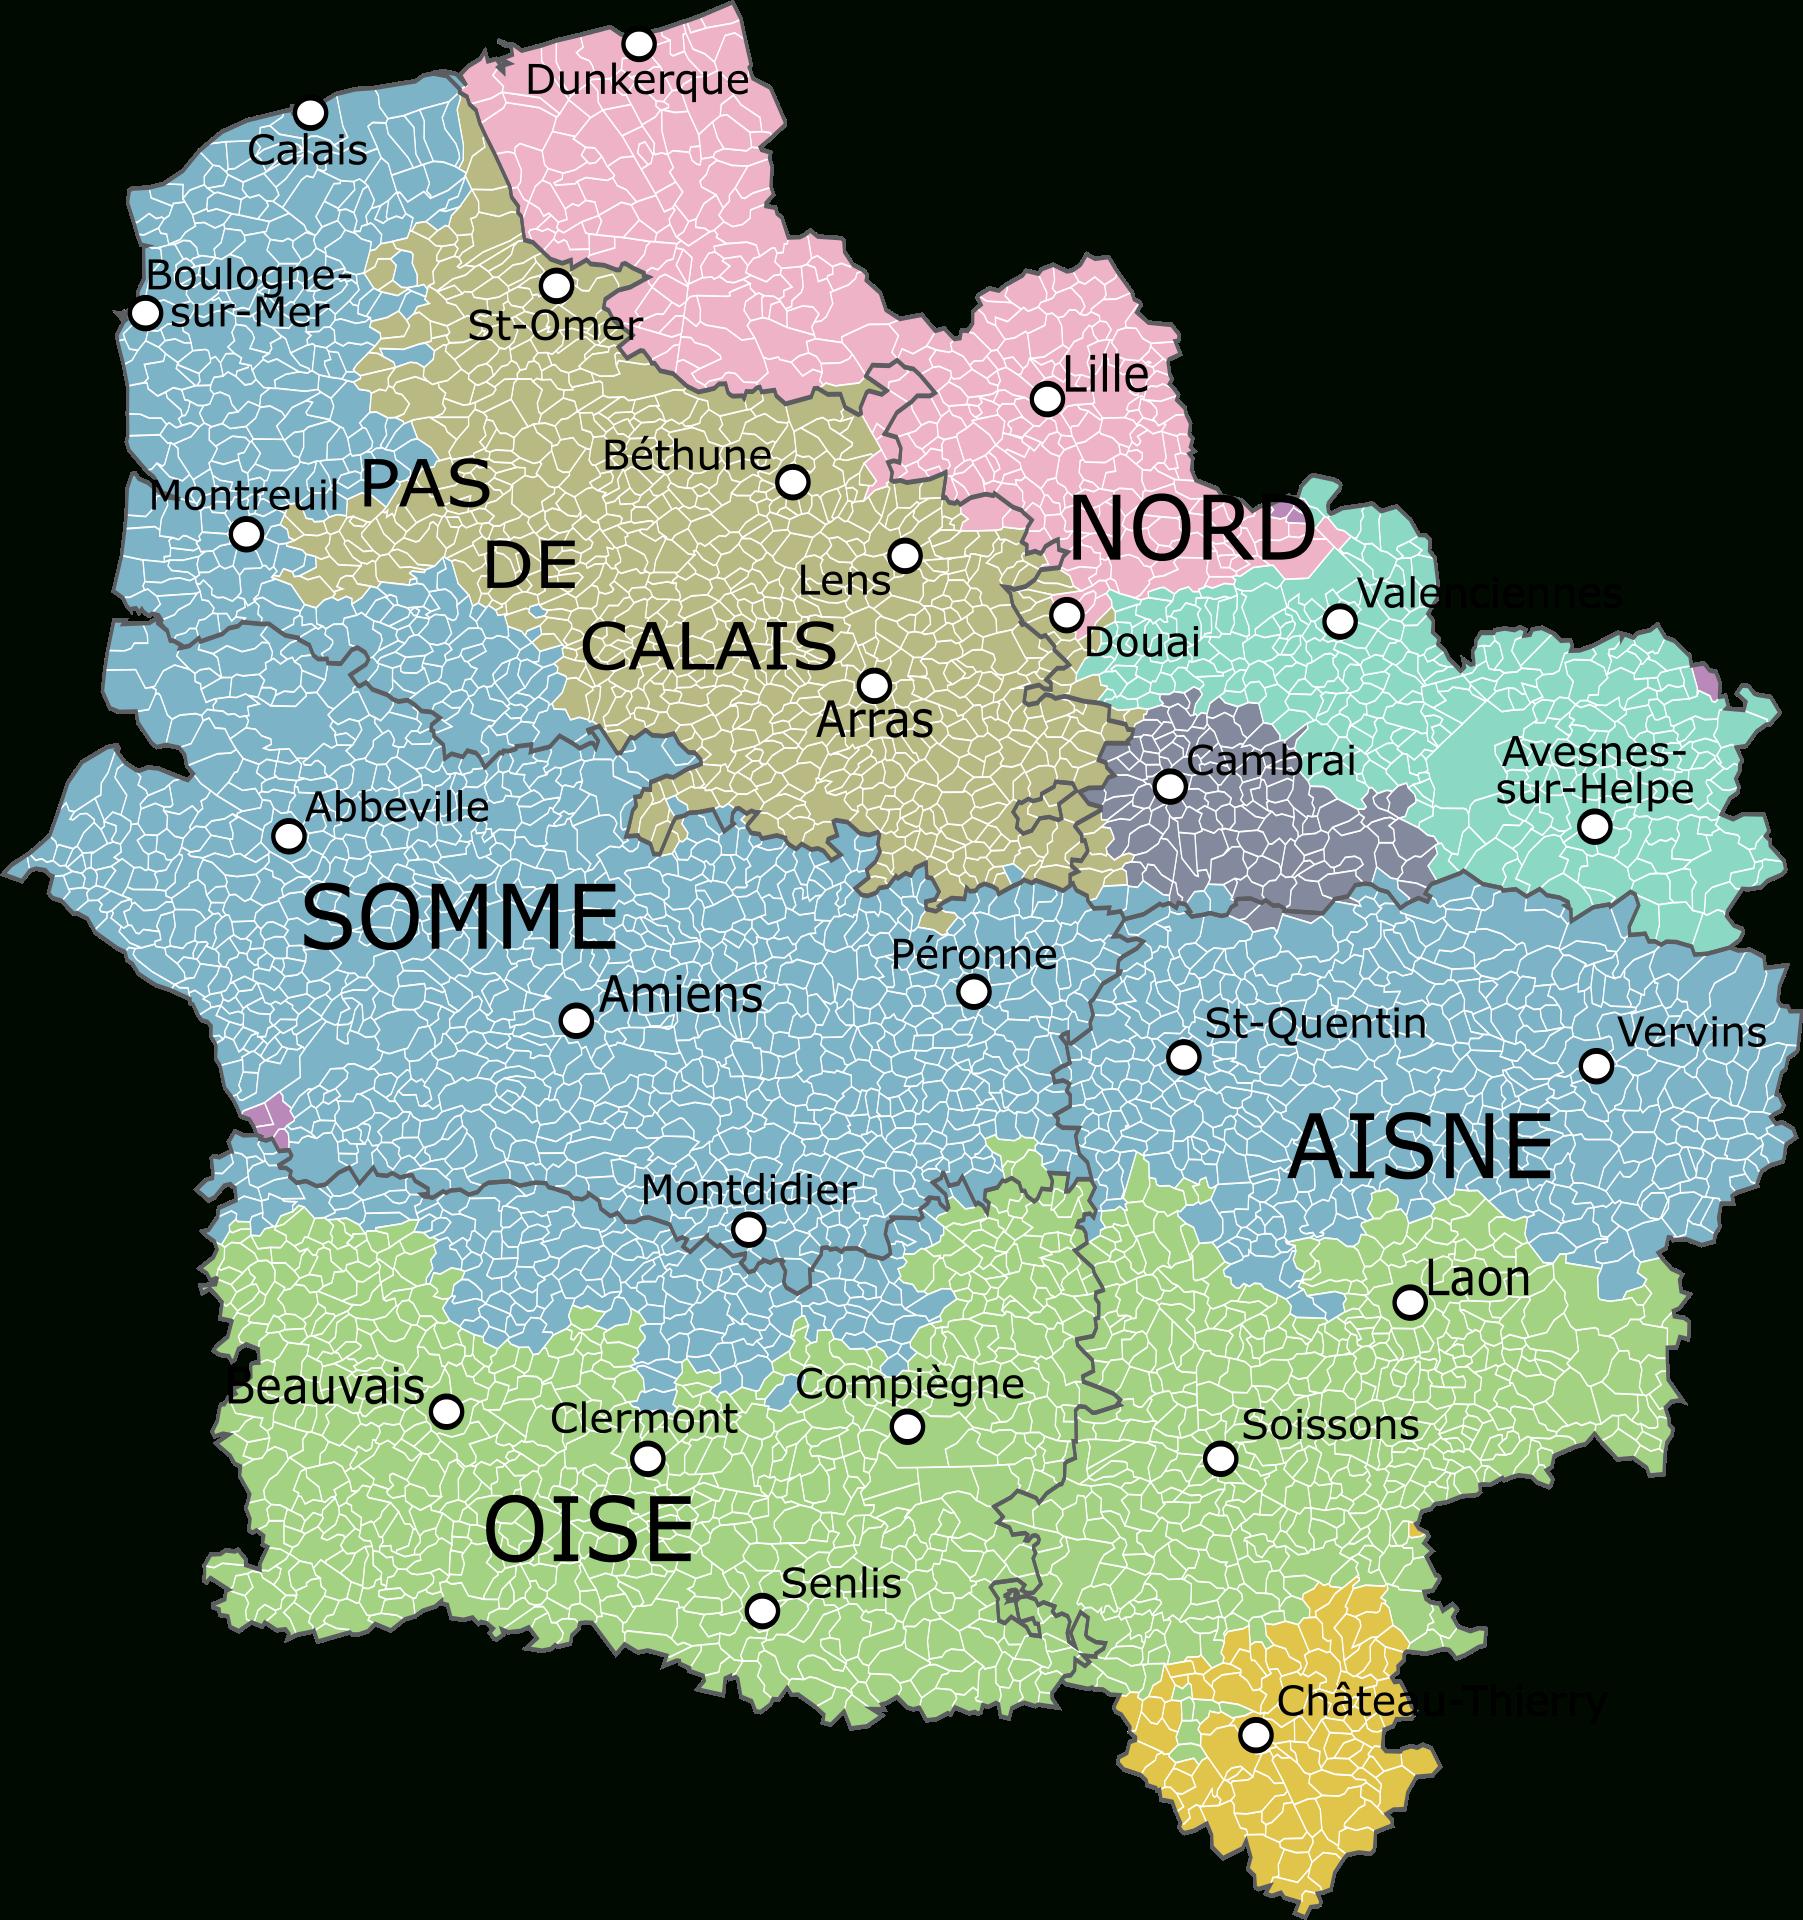 Carte De La Région Avec Ses Départements, Montrant Les concernant Carte De La France Région